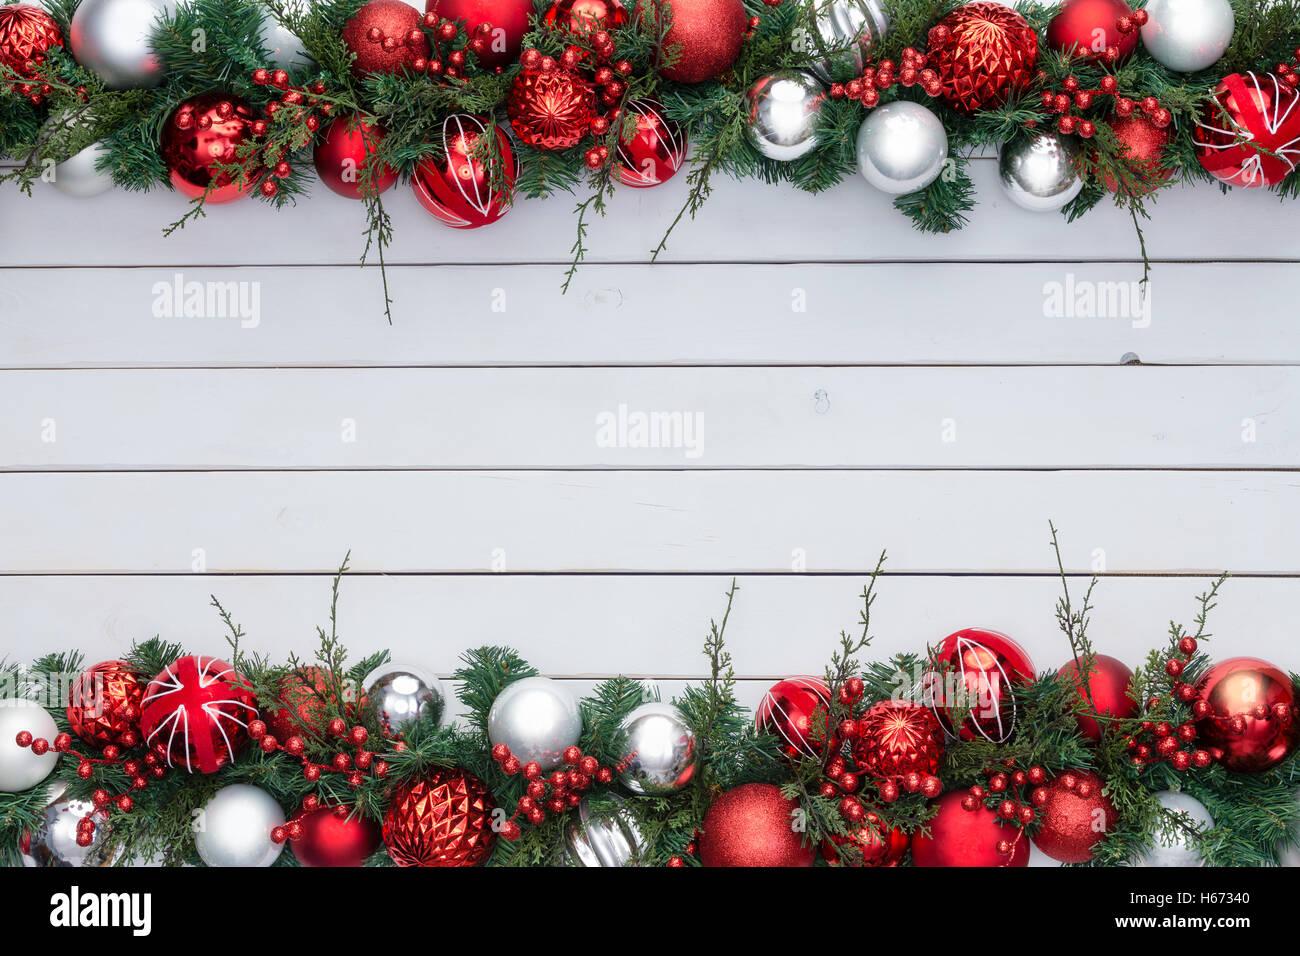 Rote Und Weisse Bunte Festliche Weihnachten Doppelrand Mit Einem